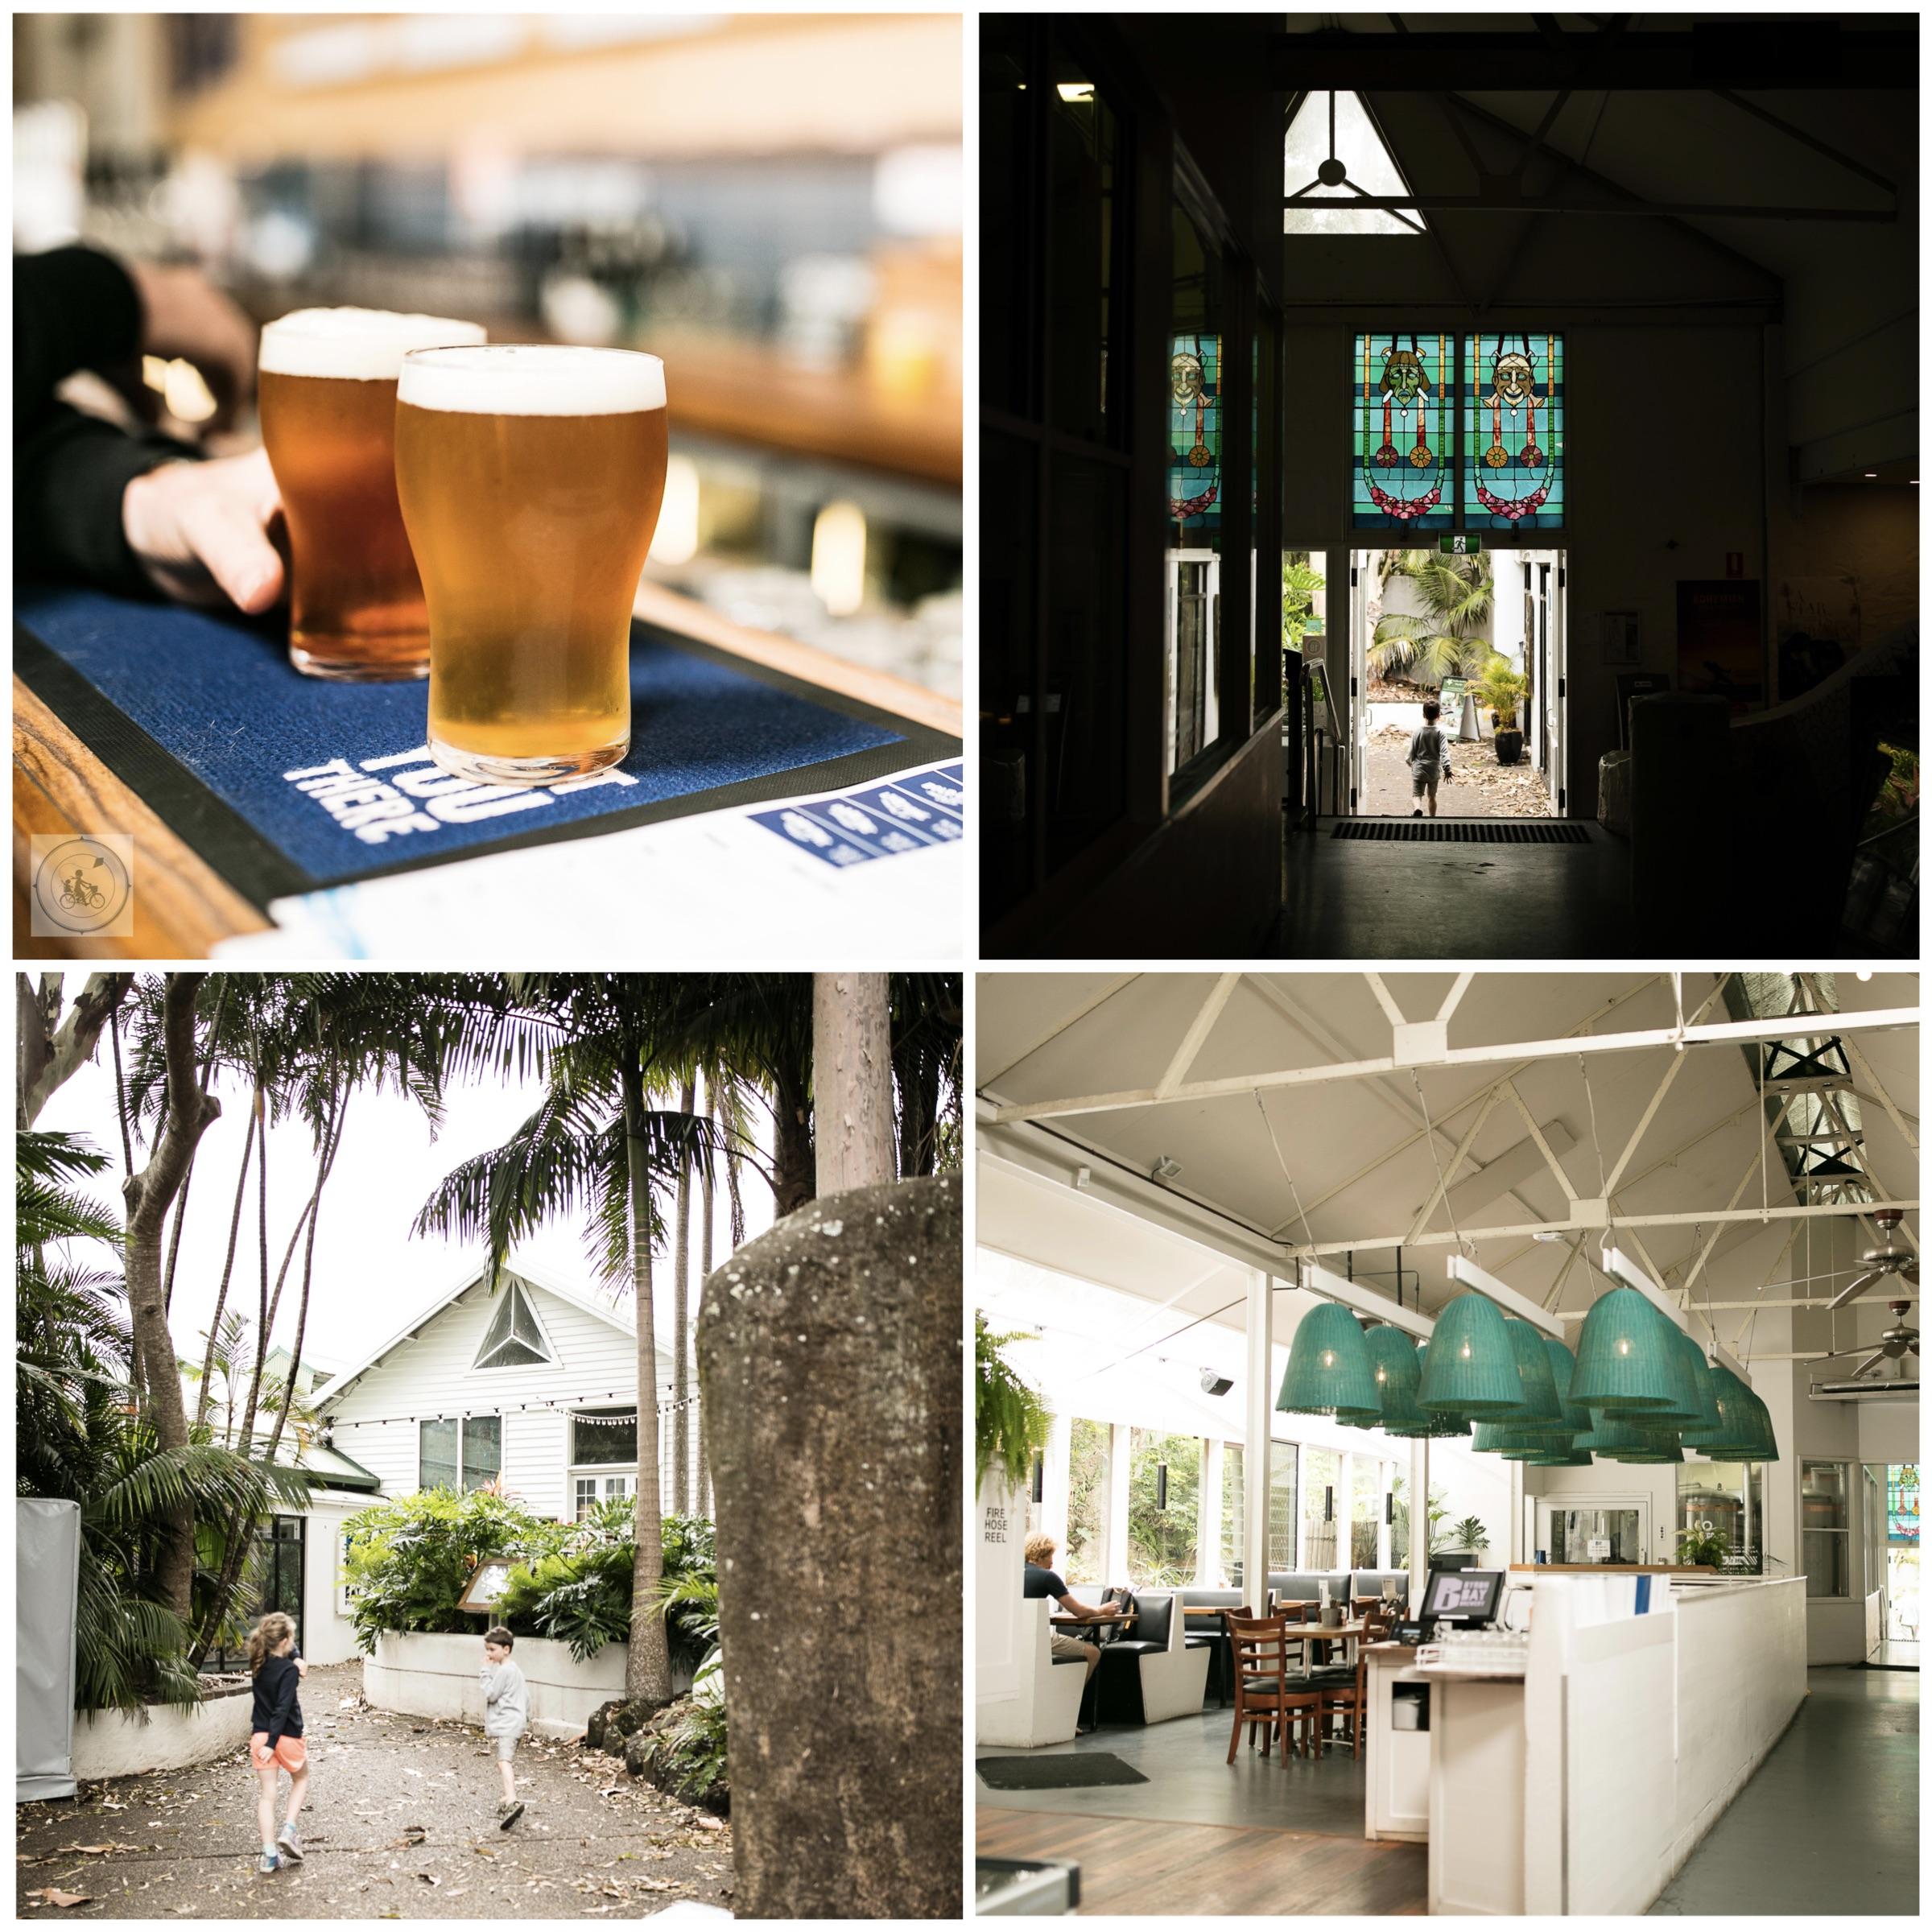 Byron Bay Brewery - Mamma Knows Byron